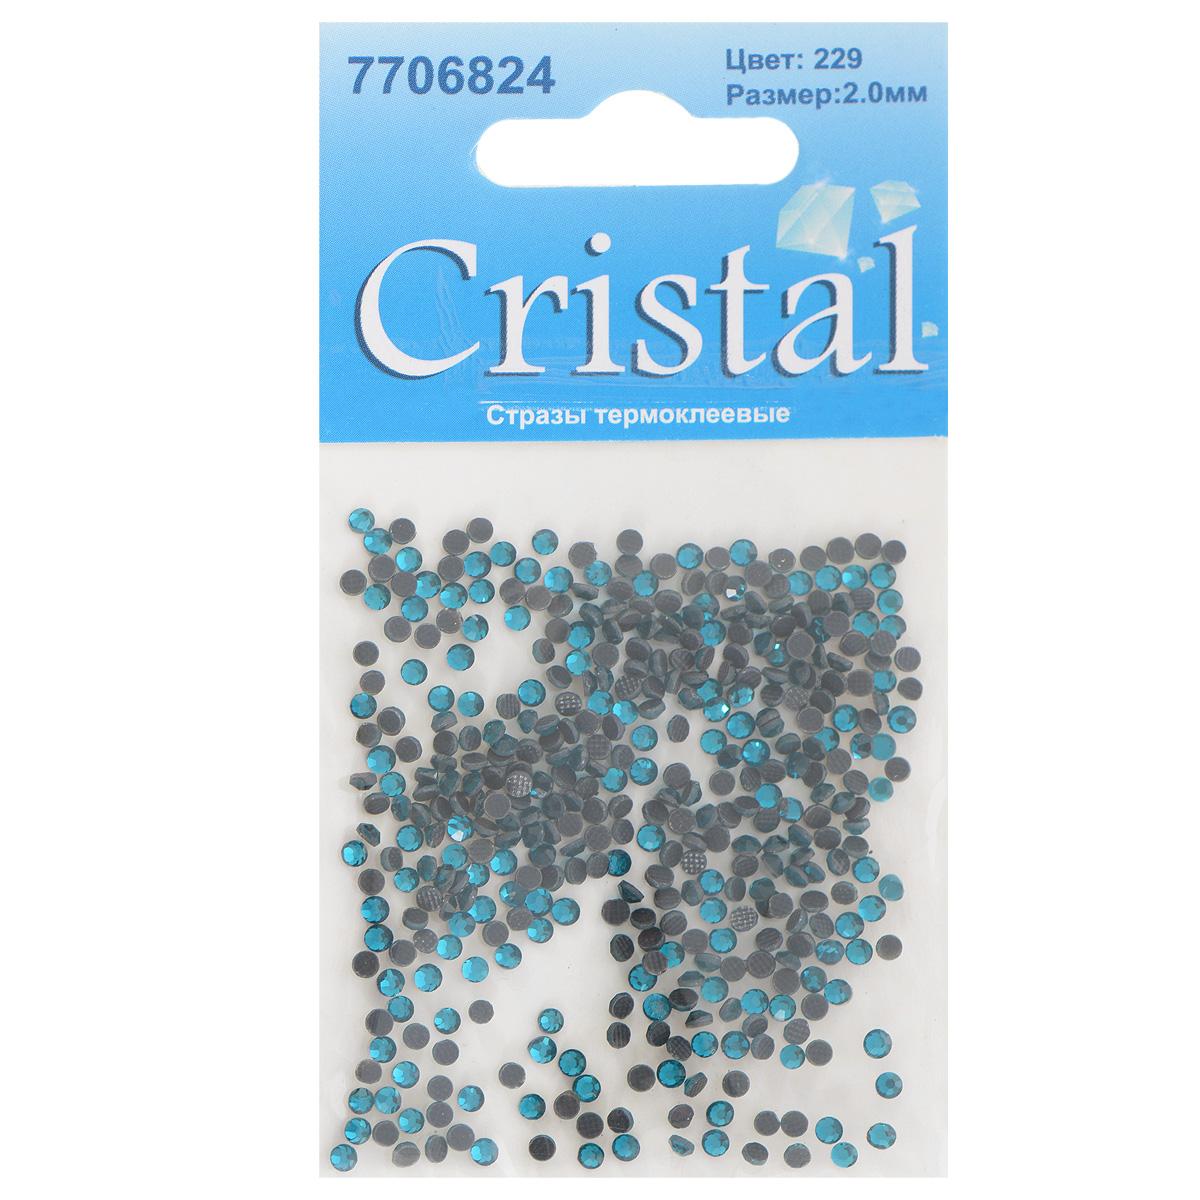 Стразы термоклеевые Cristal, цвет: бирюзовый (229), диаметр 2 мм, 432 шт7706824_229Набор термоклеевых страз Cristal, изготовленный из высококачественного акрила, позволит вам украсить одежду, аксессуары или текстиль. Яркие стразы имеют плоское дно и круглую поверхность с гранями. Дно термоклеевых страз уже обработано особым клеем, который под воздействием высоких температур начинает плавиться, приклеиваясь, таким образом, к требуемой поверхности. Чаще всего их используют в текстильной промышленности: стразы прикладывают к ткани и проглаживают утюгом с обратной стороны. Также можно использовать специальный паяльник. Украшение стразами поможет сделать любую вещь оригинальной и неповторимой. Диаметр страз: 2 мм.